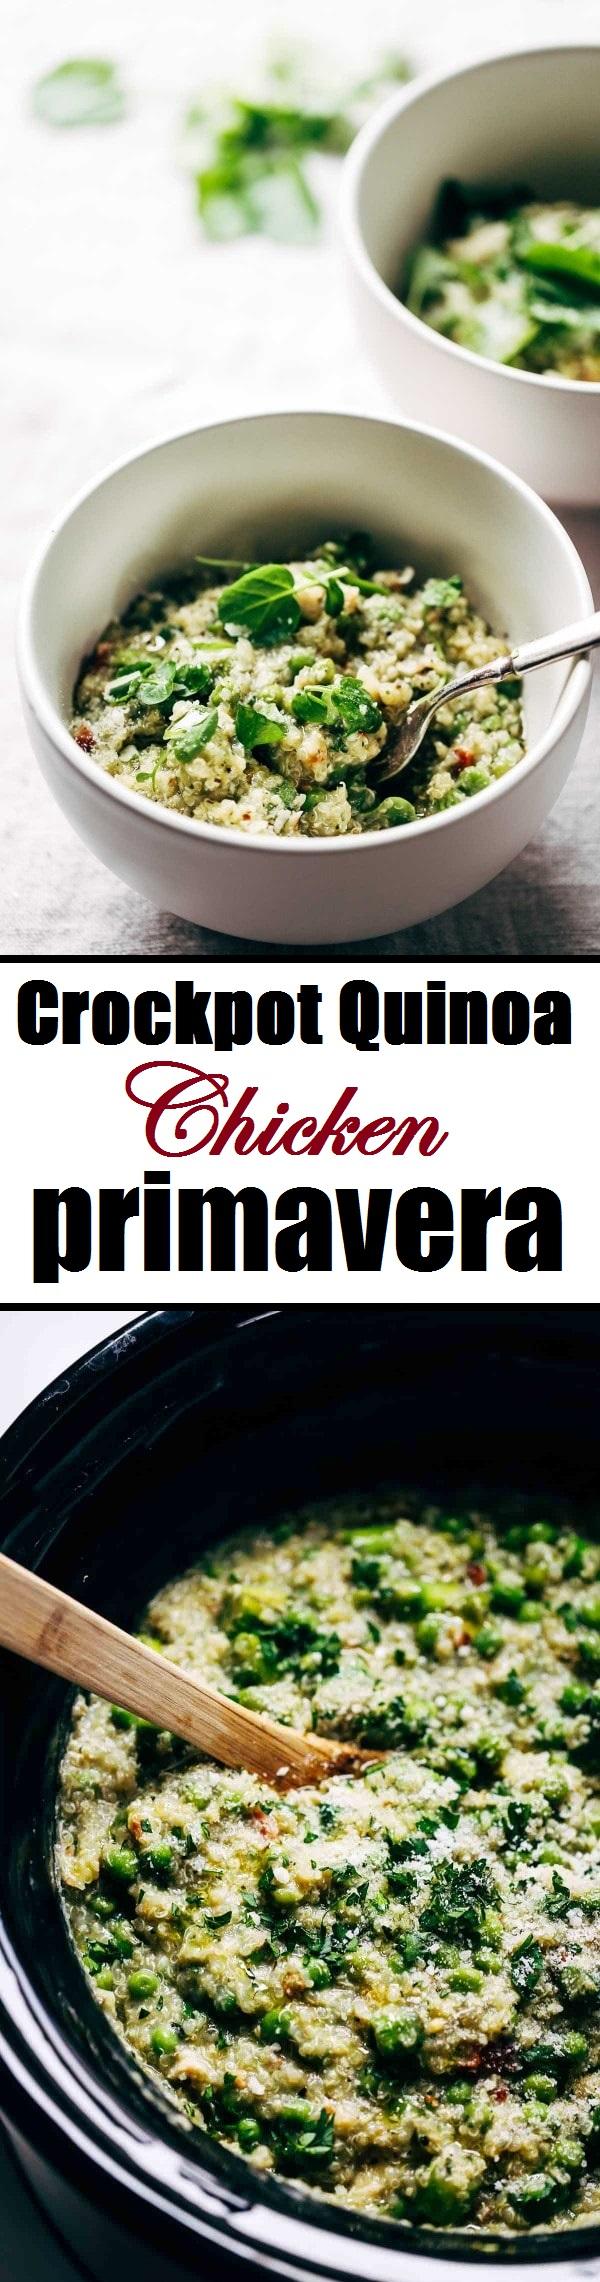 crockpot quinoa chicken primavera